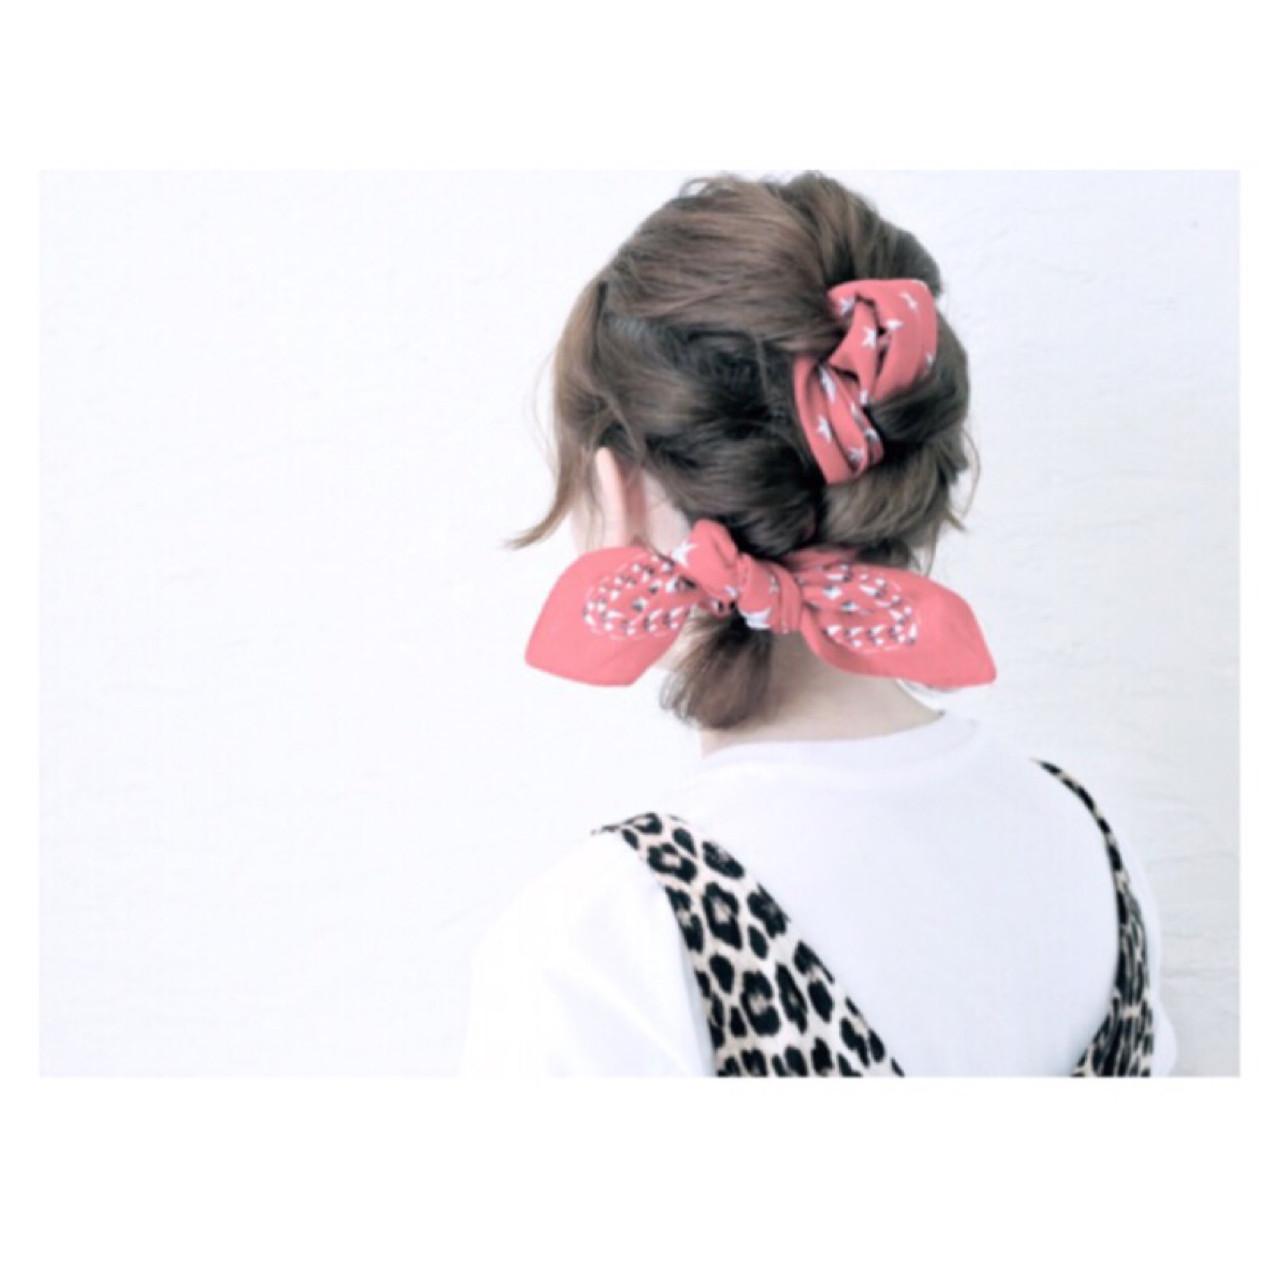 バンダナを使った髪型で可愛さUP♡とっておきアレンジ特集 原田直美